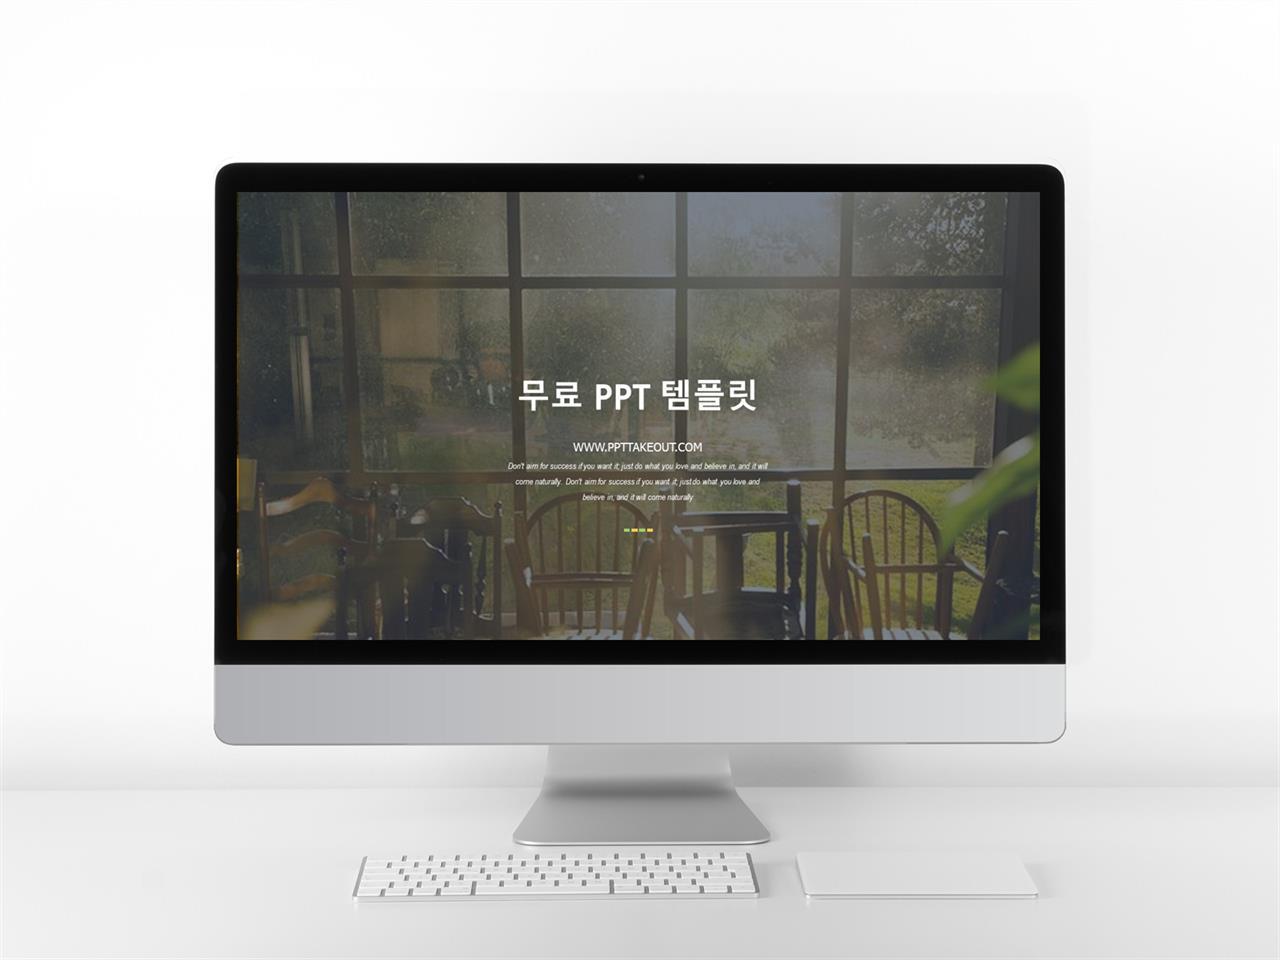 브라운 패션느낌 고퀄리티 무료 PPT샘플 제작 미리보기